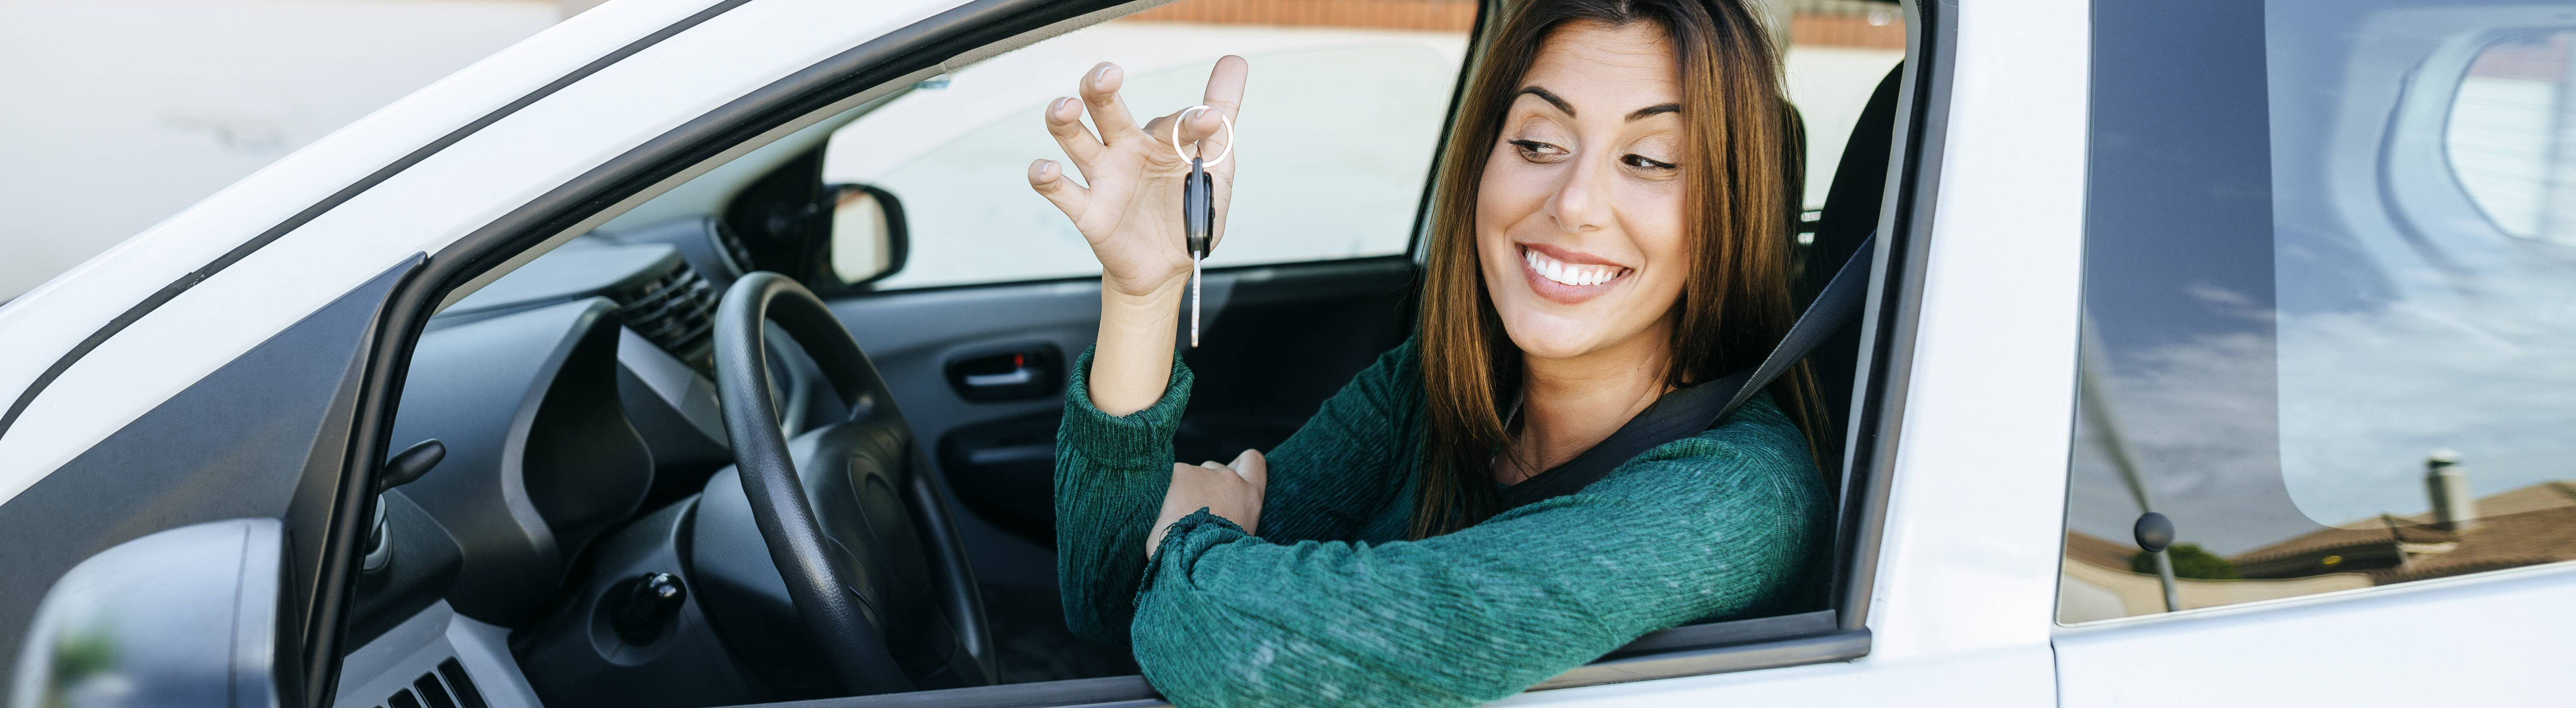 Frau in Auto mit Schlüssel